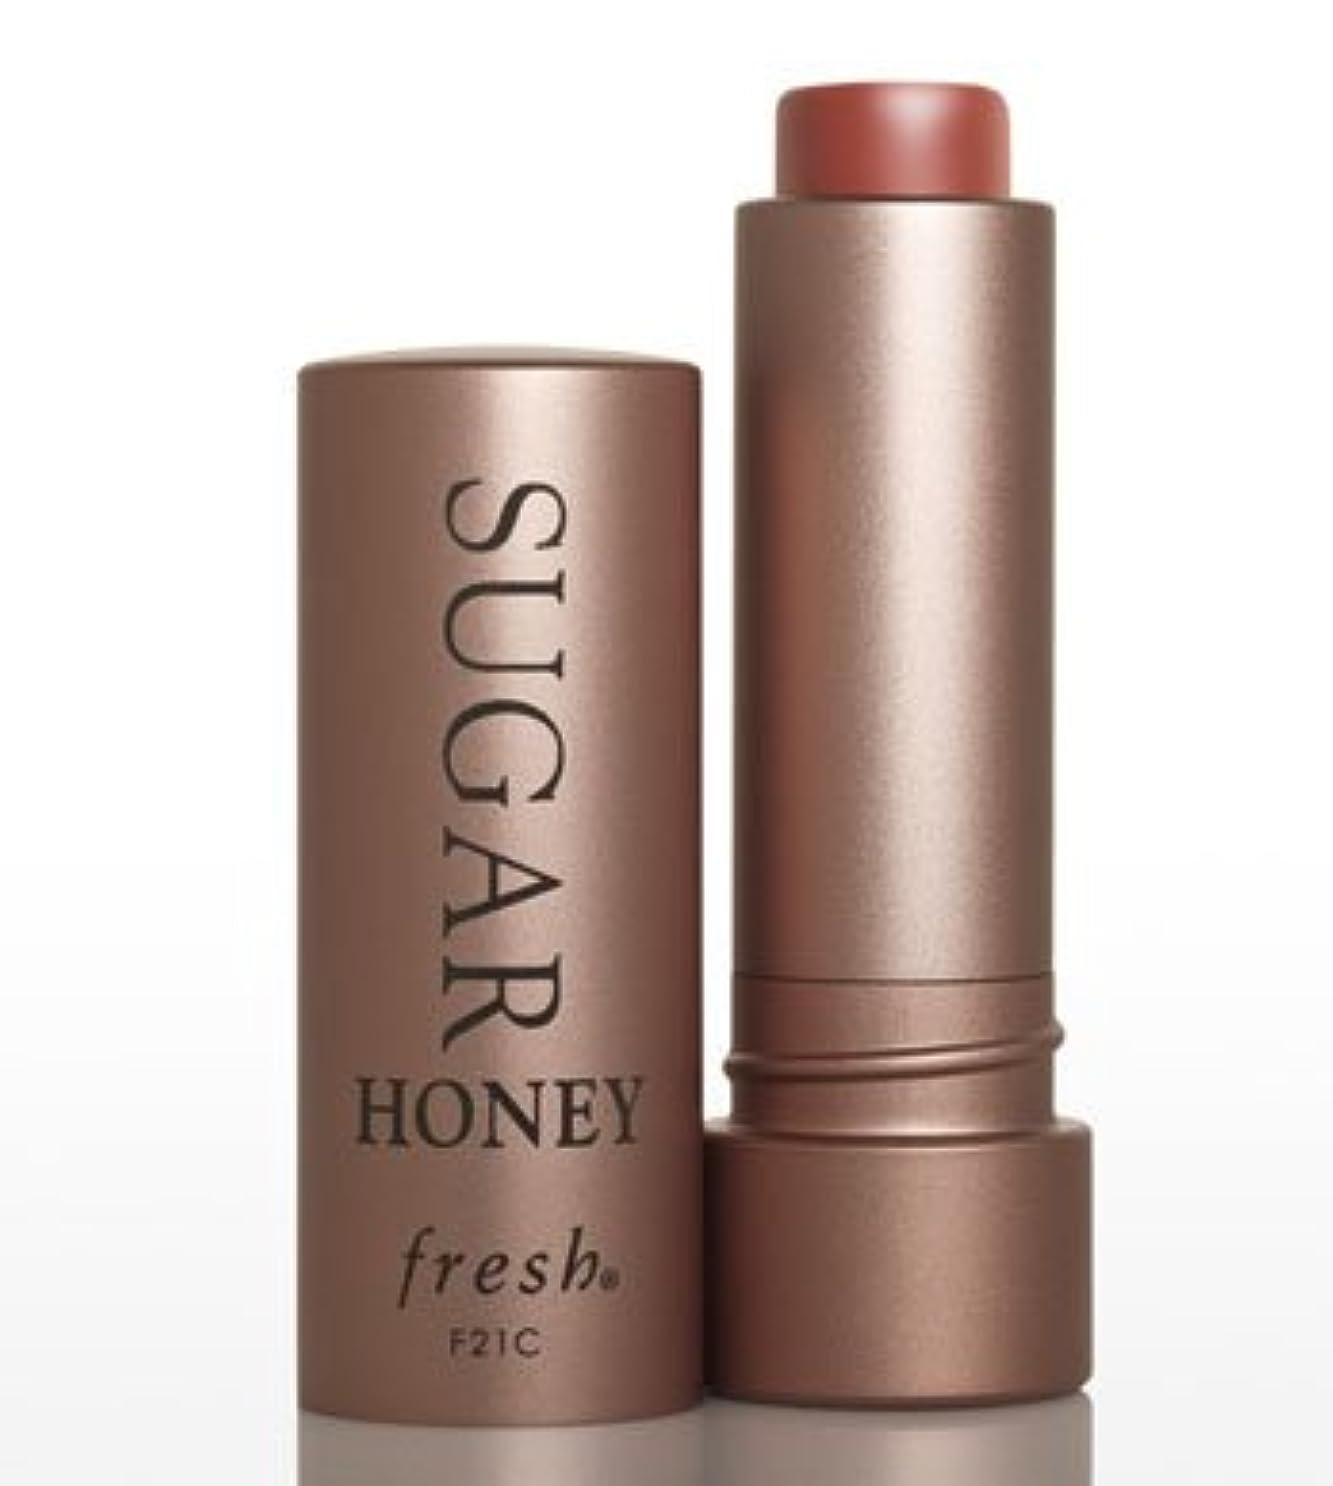 別の読書箱Fresh SUGAR Honey TINTED LIP TREATMENT SPF15(フレッシュ シュガー ハニー ティンテッド リップ トリートメント SPF15) 0.15 oz (4.3g)